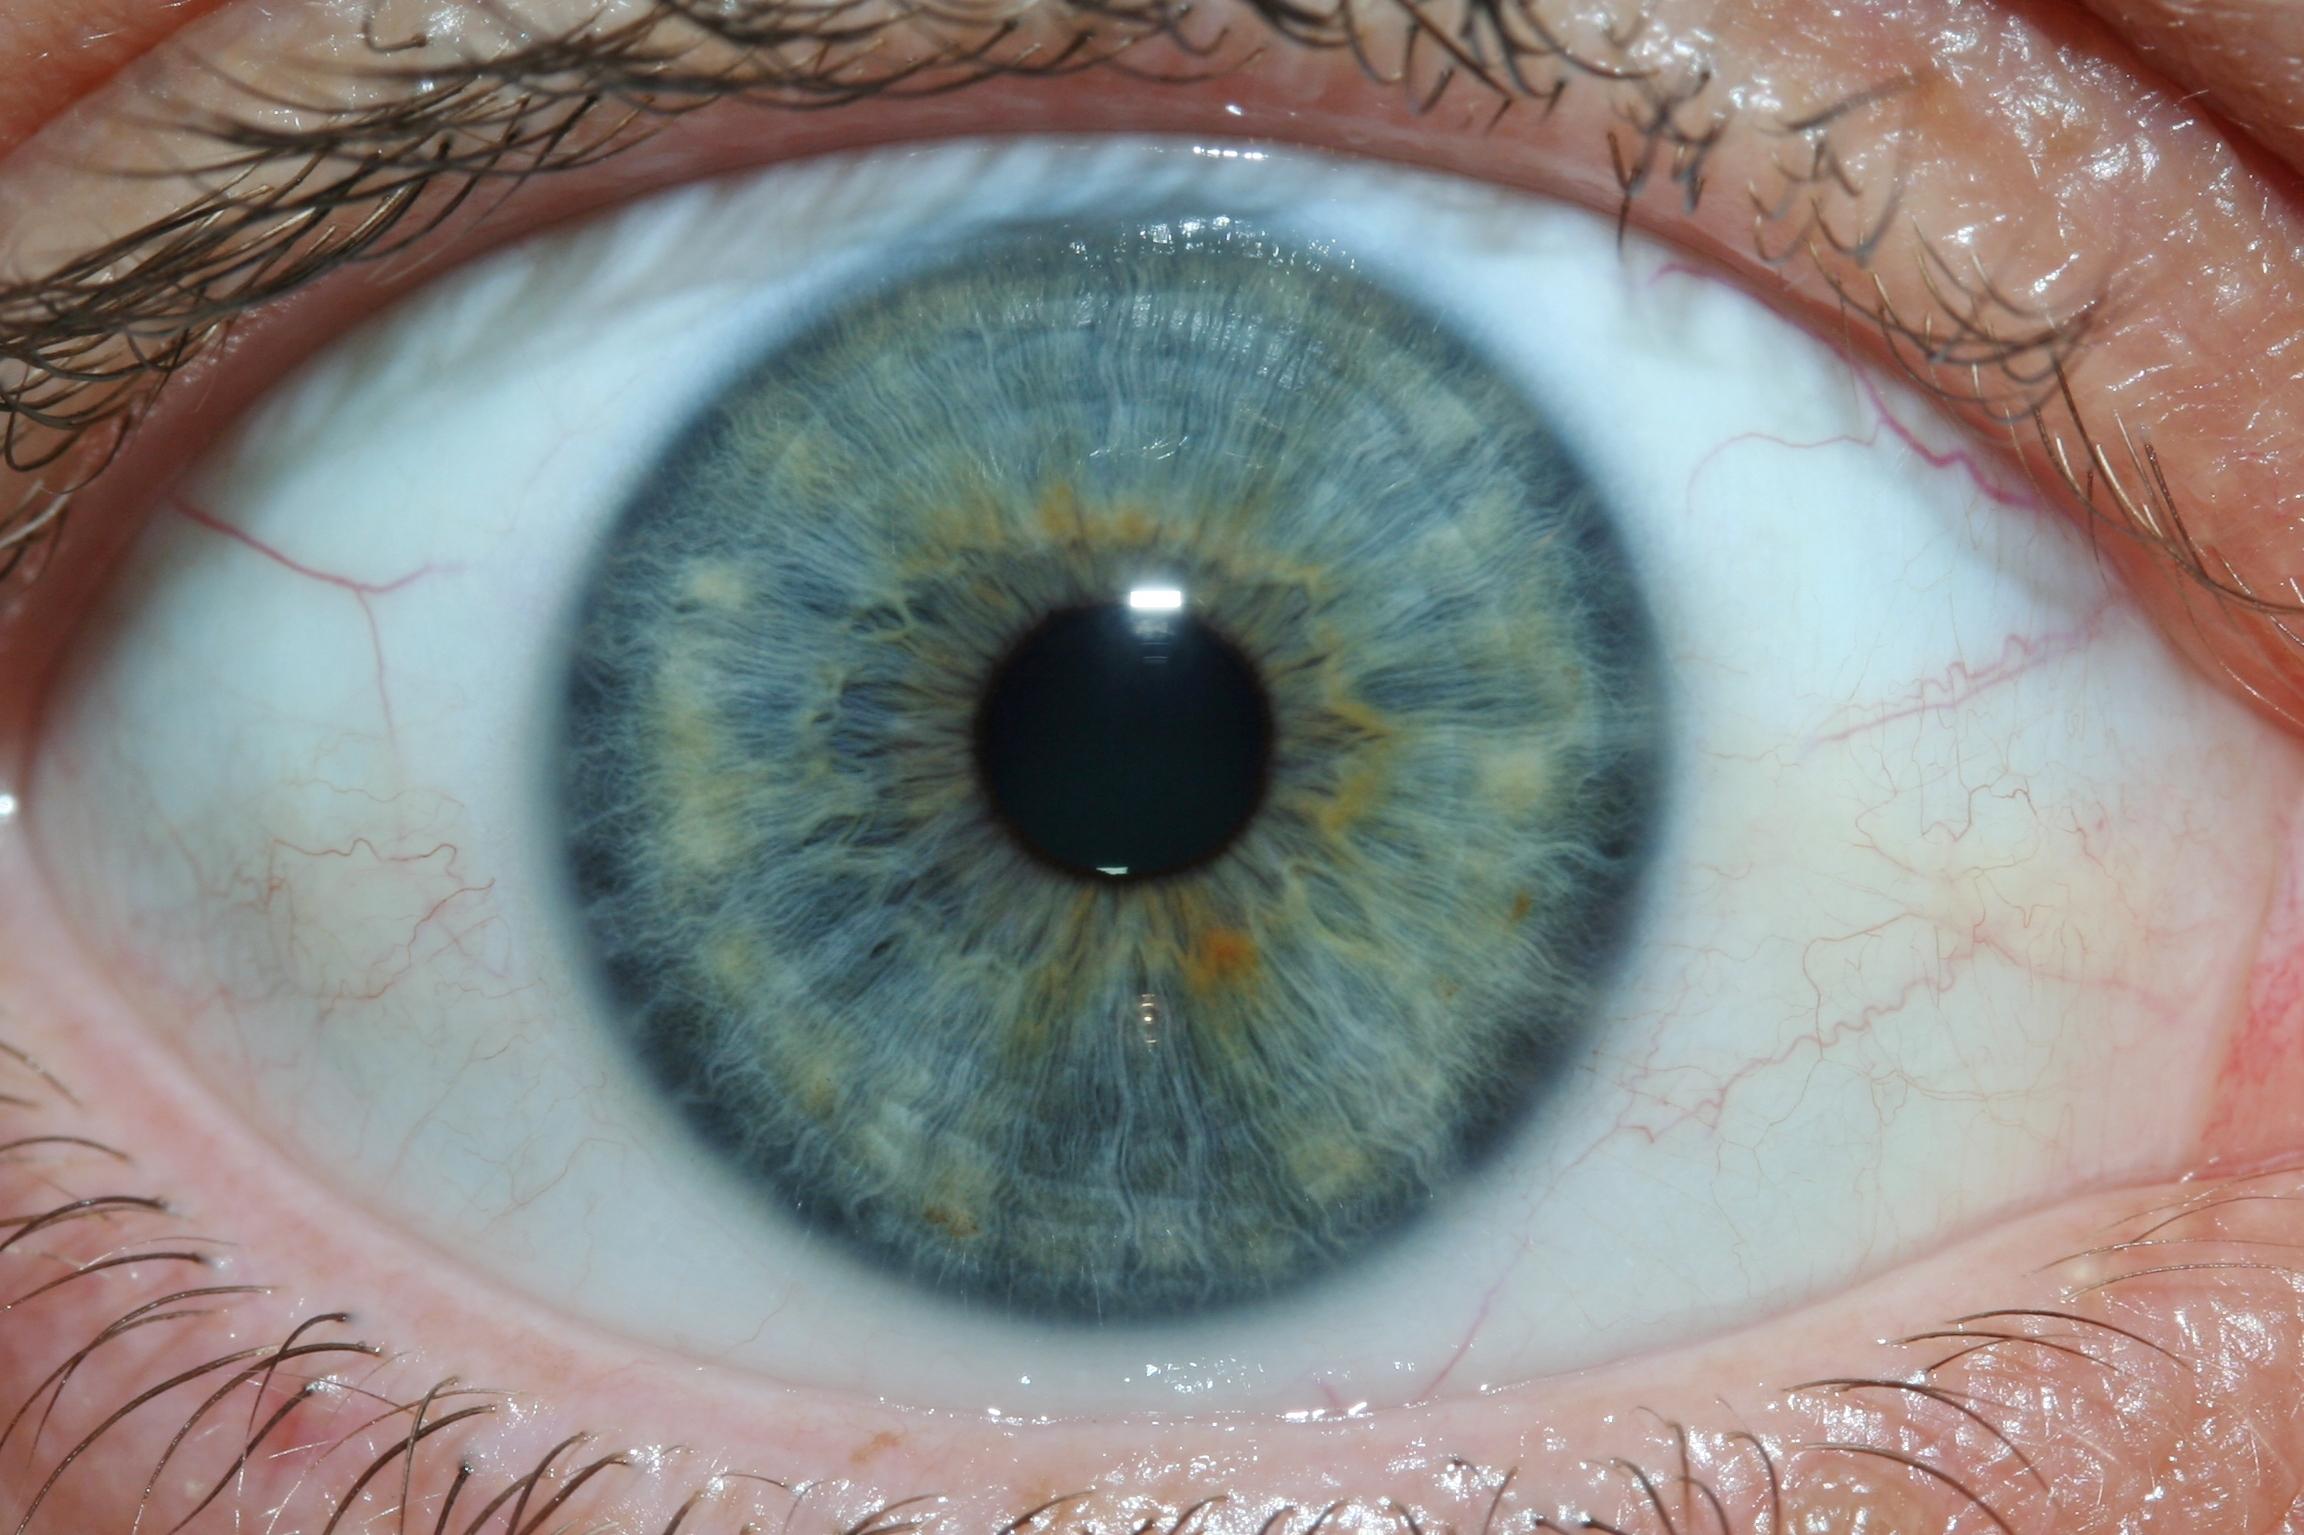 iridology eys images 3